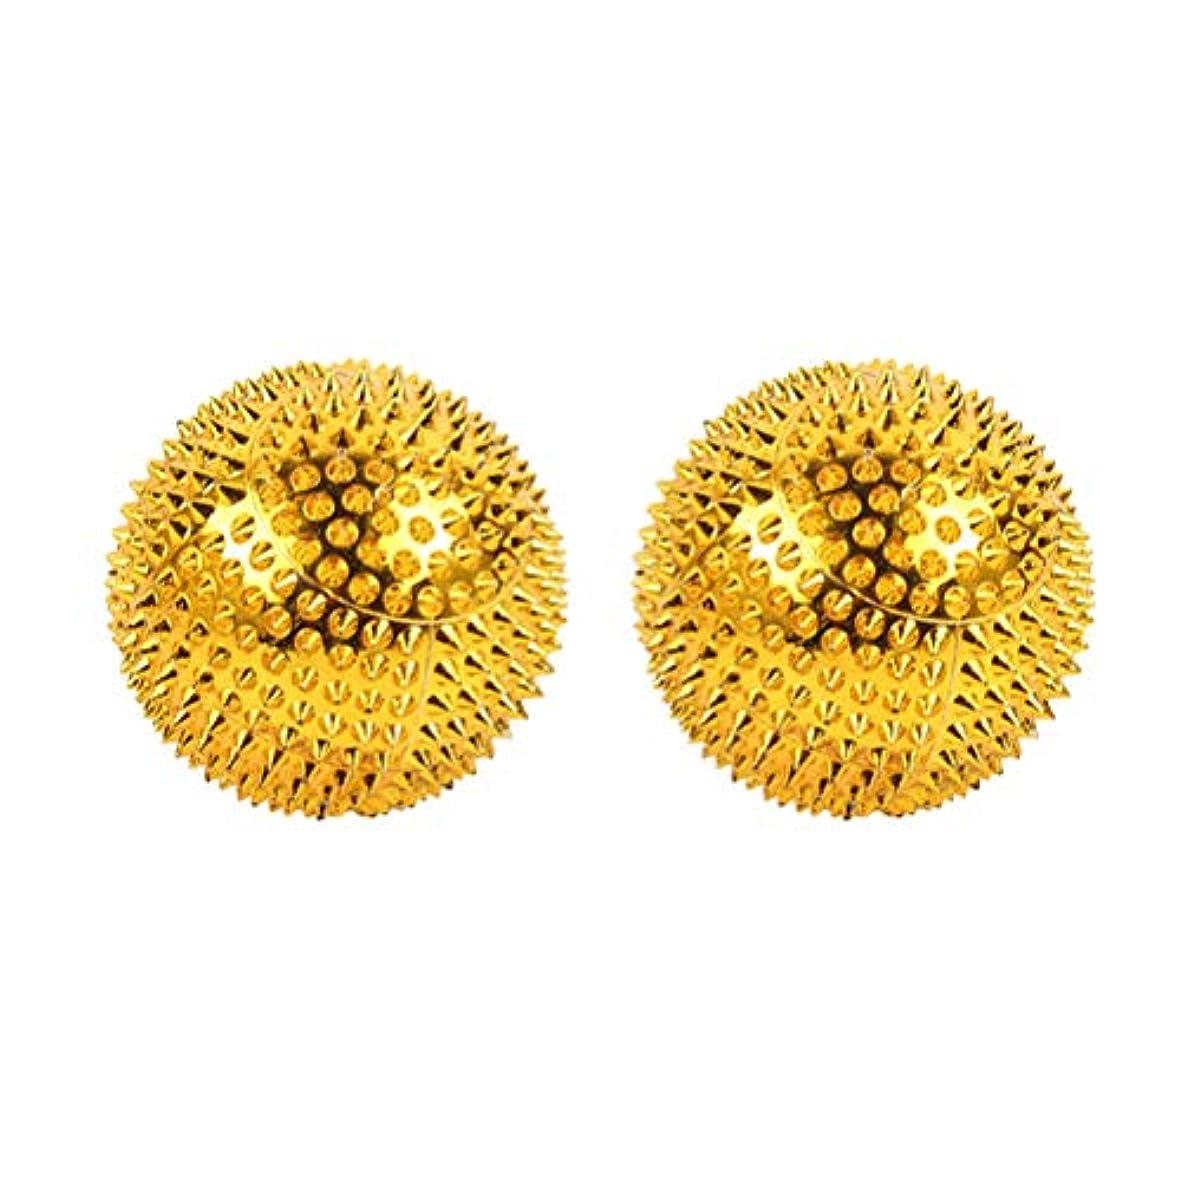 立方体密度ロック解除Healifty マッサージボール鍼灸ボール指圧マッサージ2本(ゴールデン)